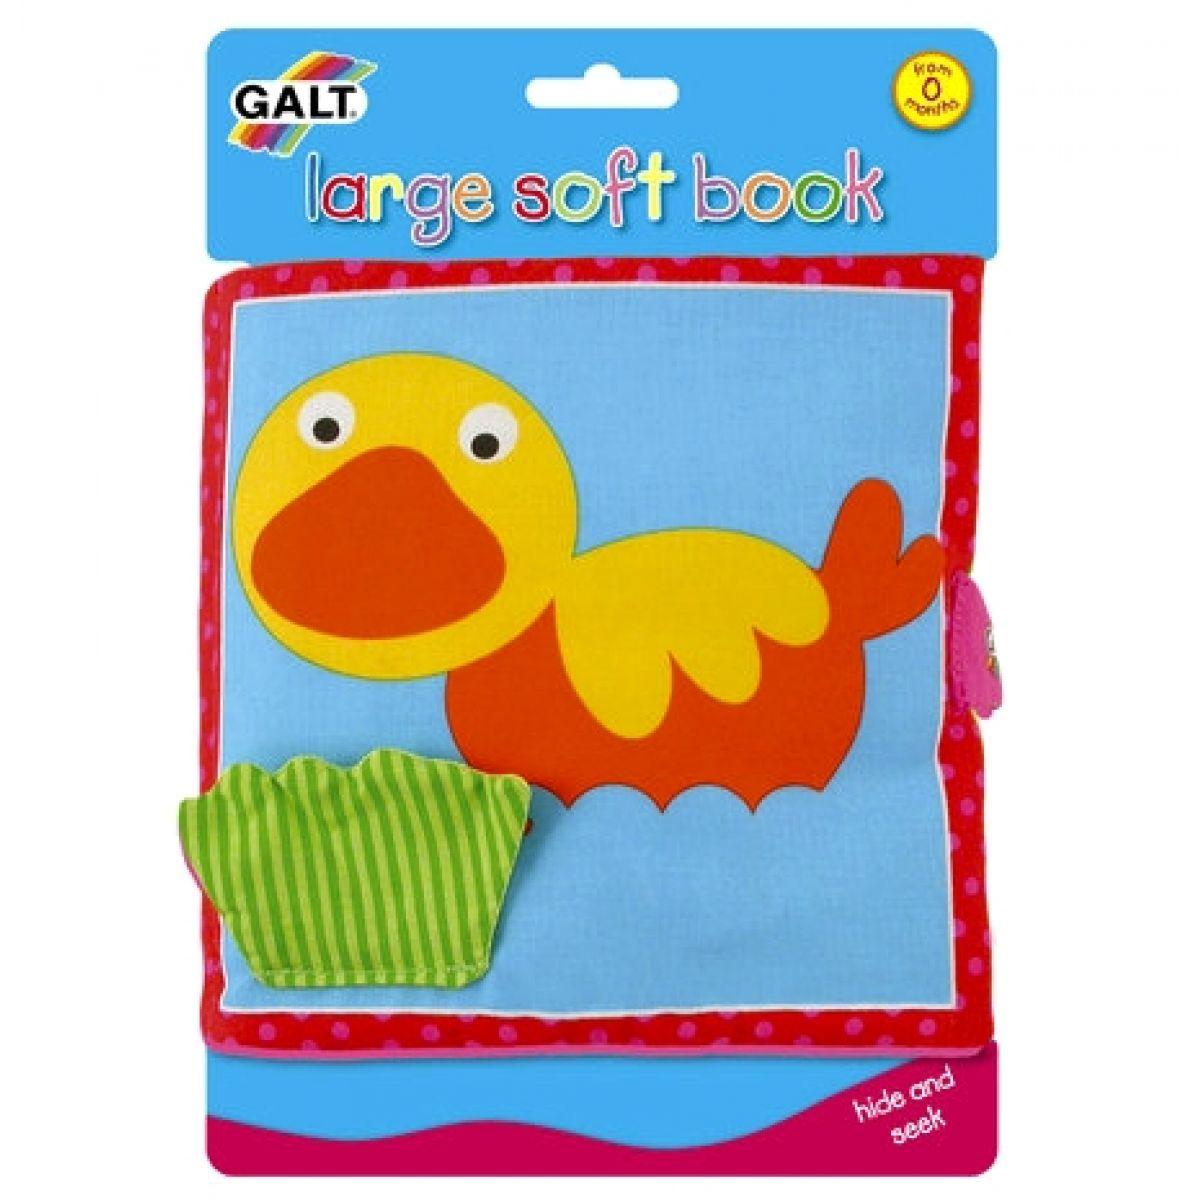 Galt Velká dětská knížka Kam se schoval